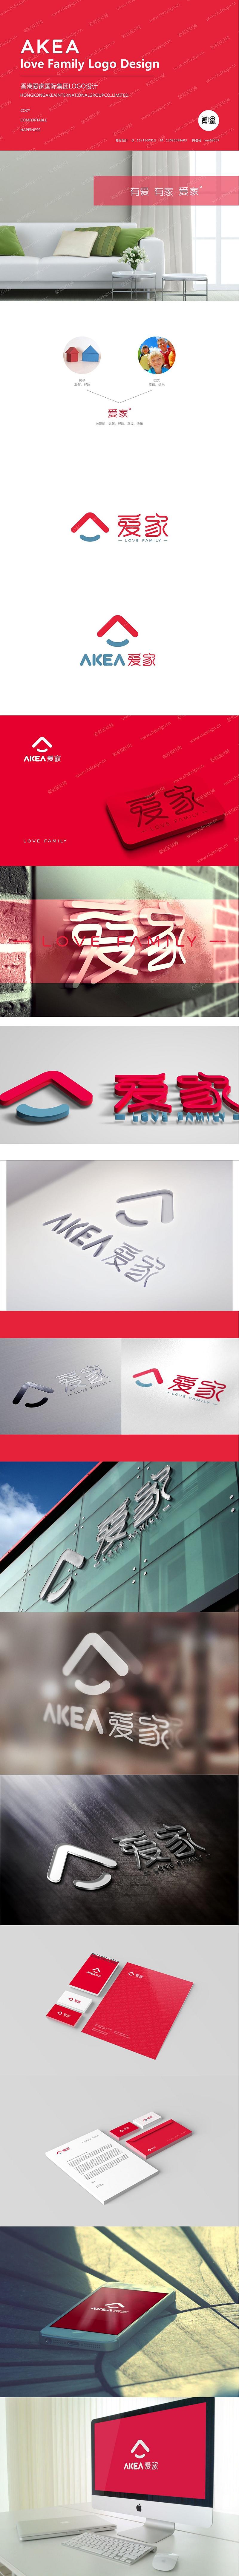 爱家AKEA 的商标设计(整体共计四套方案)